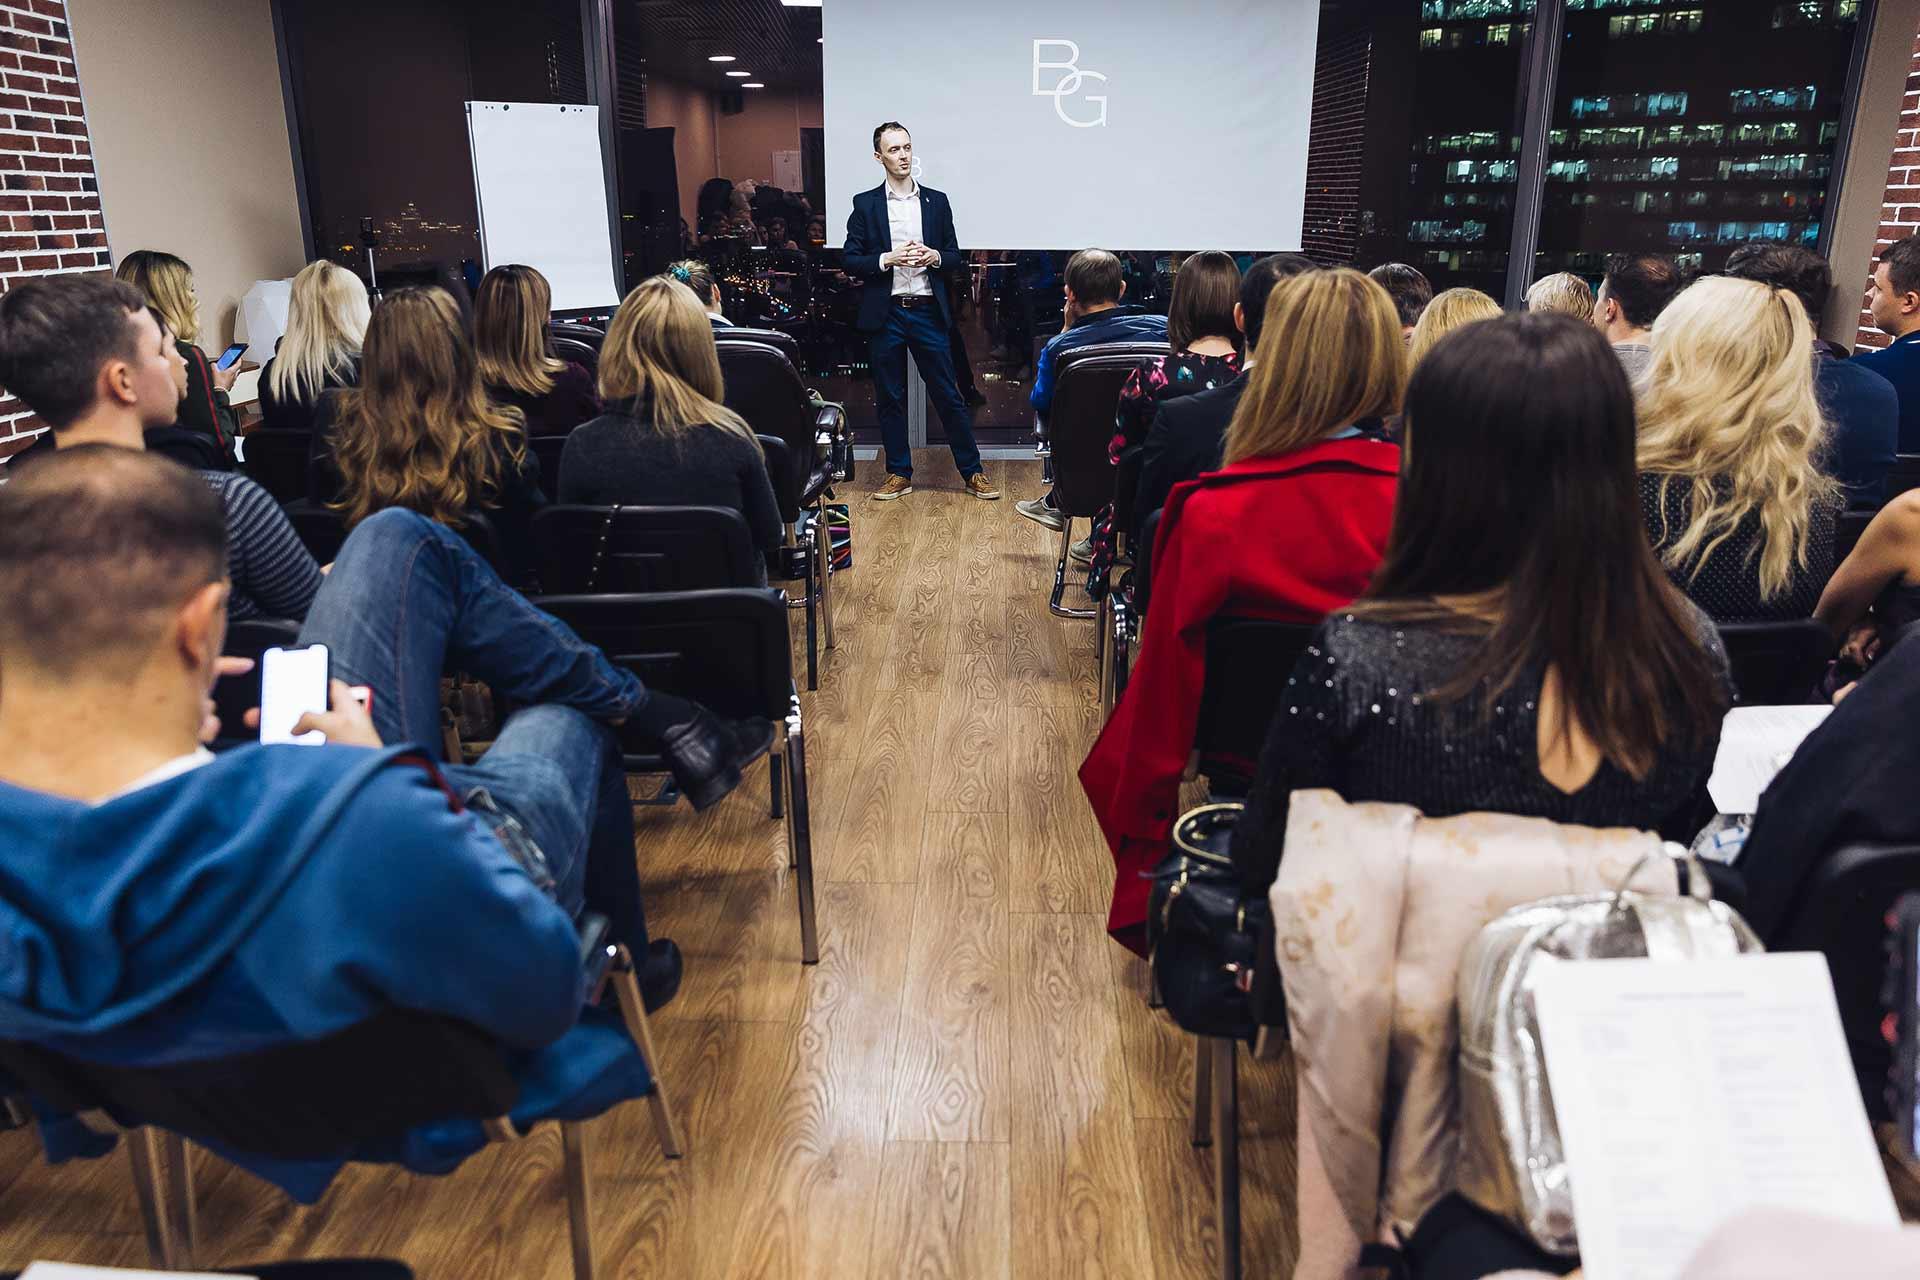 Бесплатный вебинар: Как начать свой онлайн-бизнес с оборотом 100+ тыс. руб., продавая свои знания